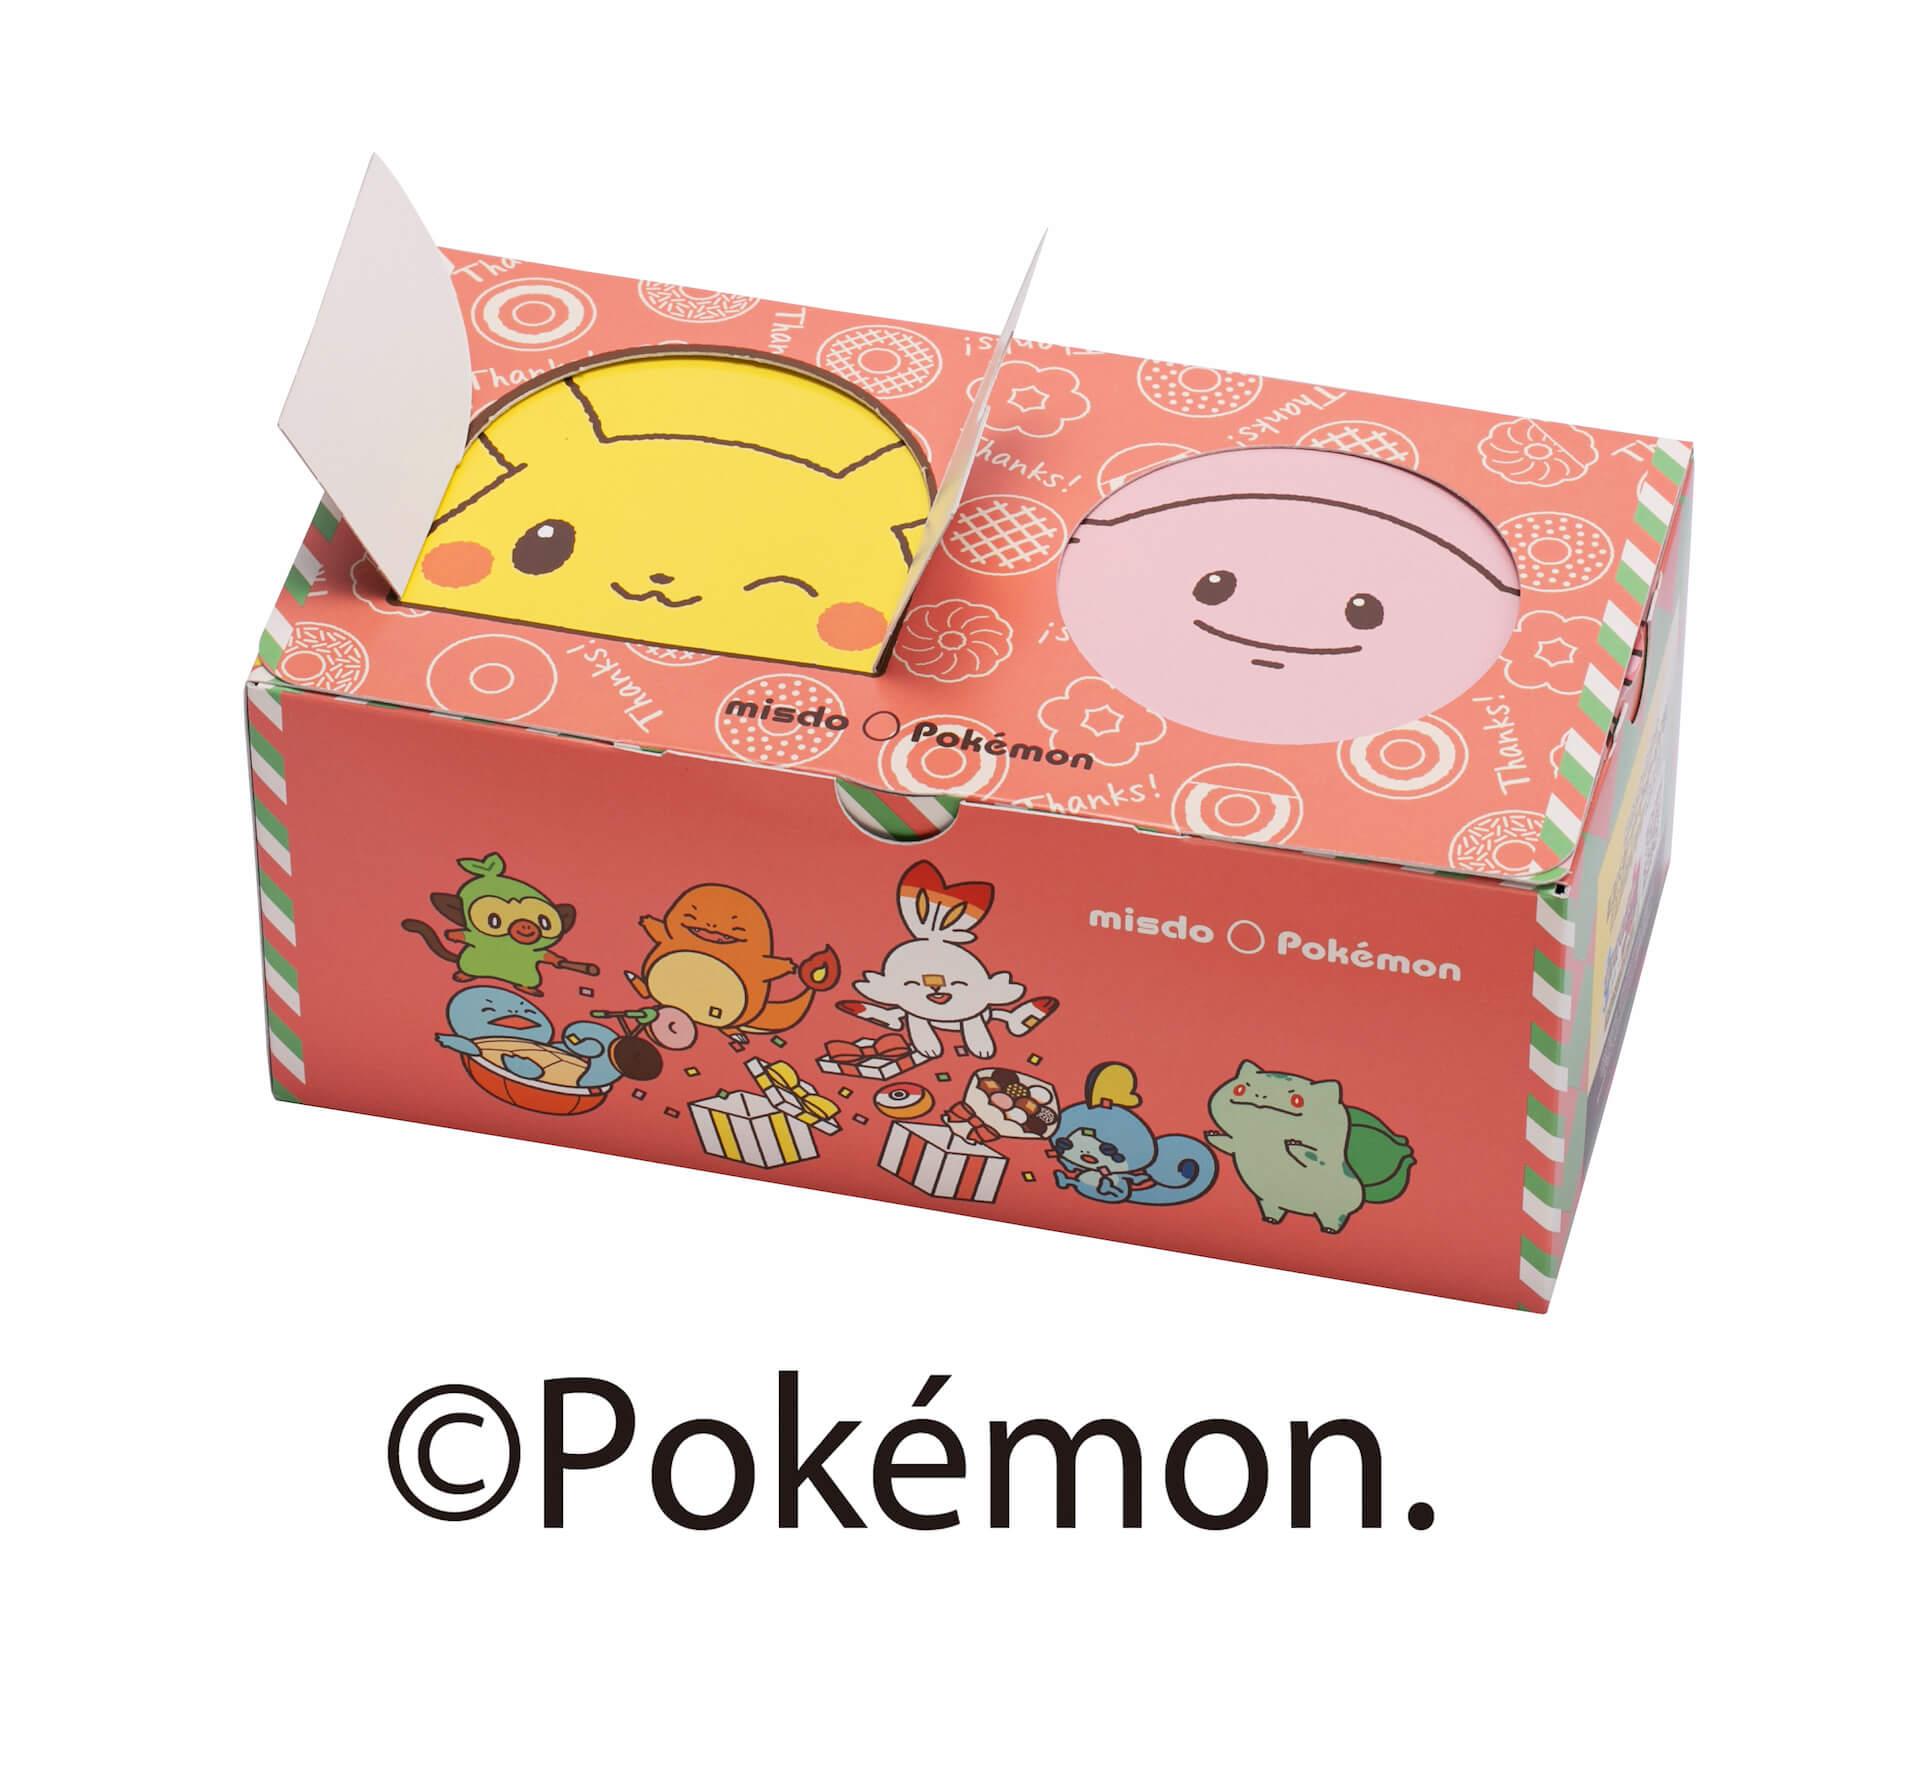 ミスドとポケモンのコラボドーナツ&グッズがついに解禁!ピカチュウ、ラッキーがドーナツに gourmet201105_misdo_pokemon_14